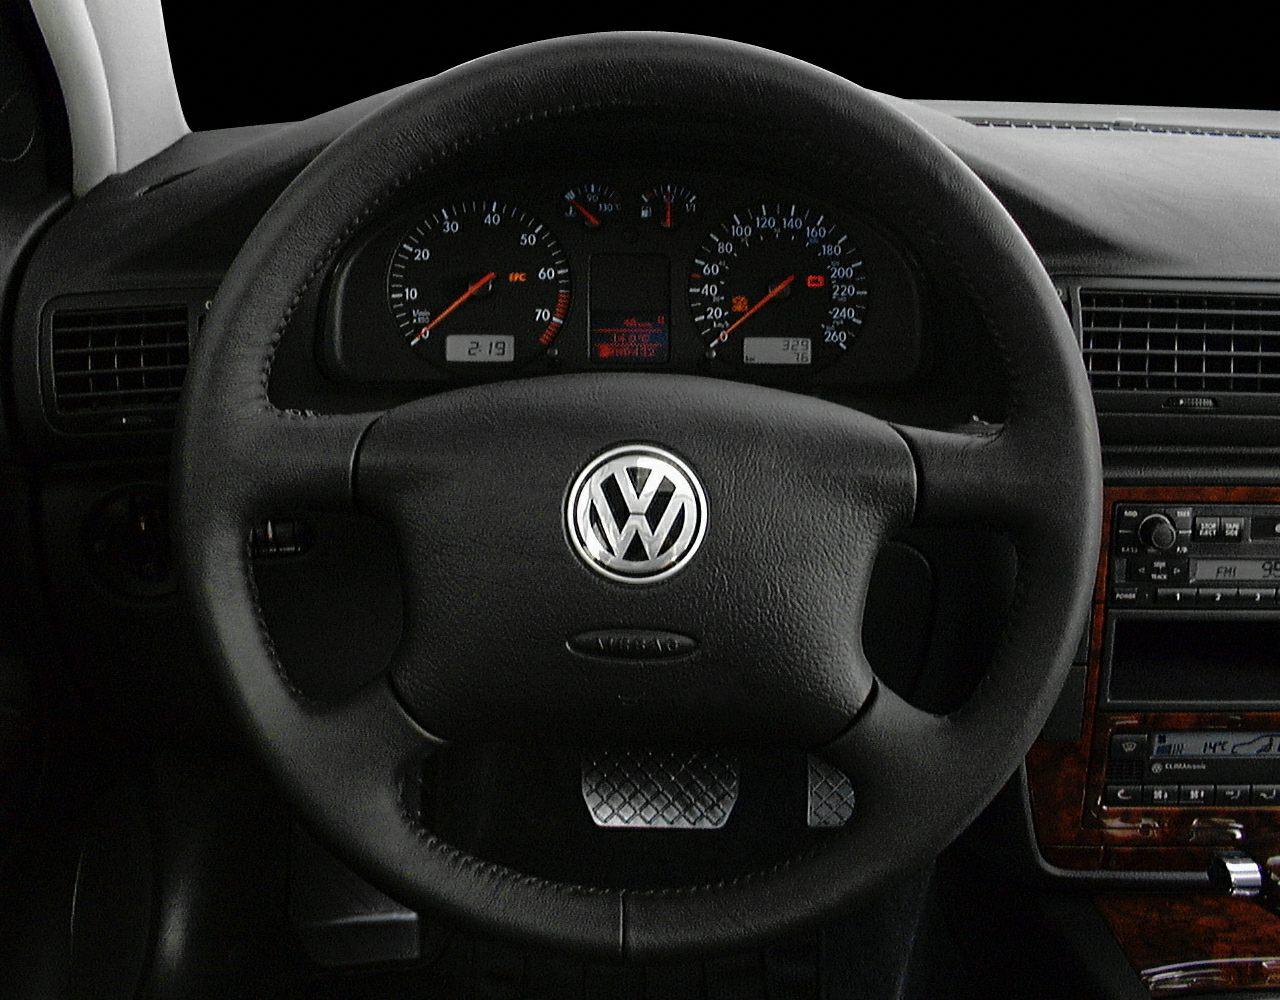 2000 volkswagen passat glx 4dr 4motion station wagon pictures for Volkswagen passat 2000 interior